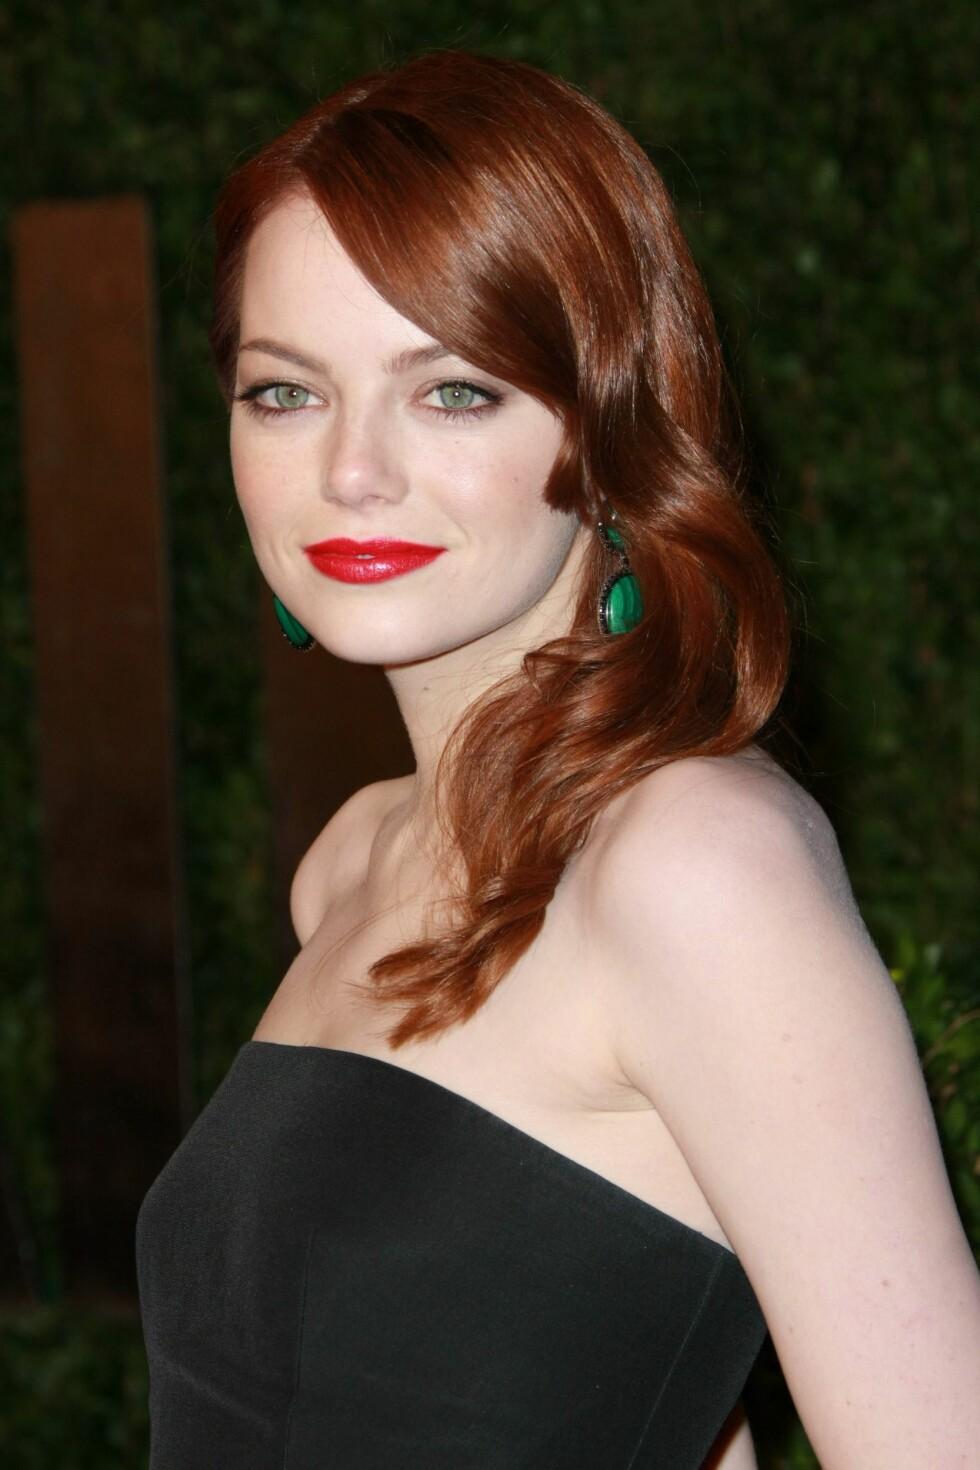 RØDT OG RØDT: Rødt hår og røde lepper. Vi elsker det!  Foto: All Over Press